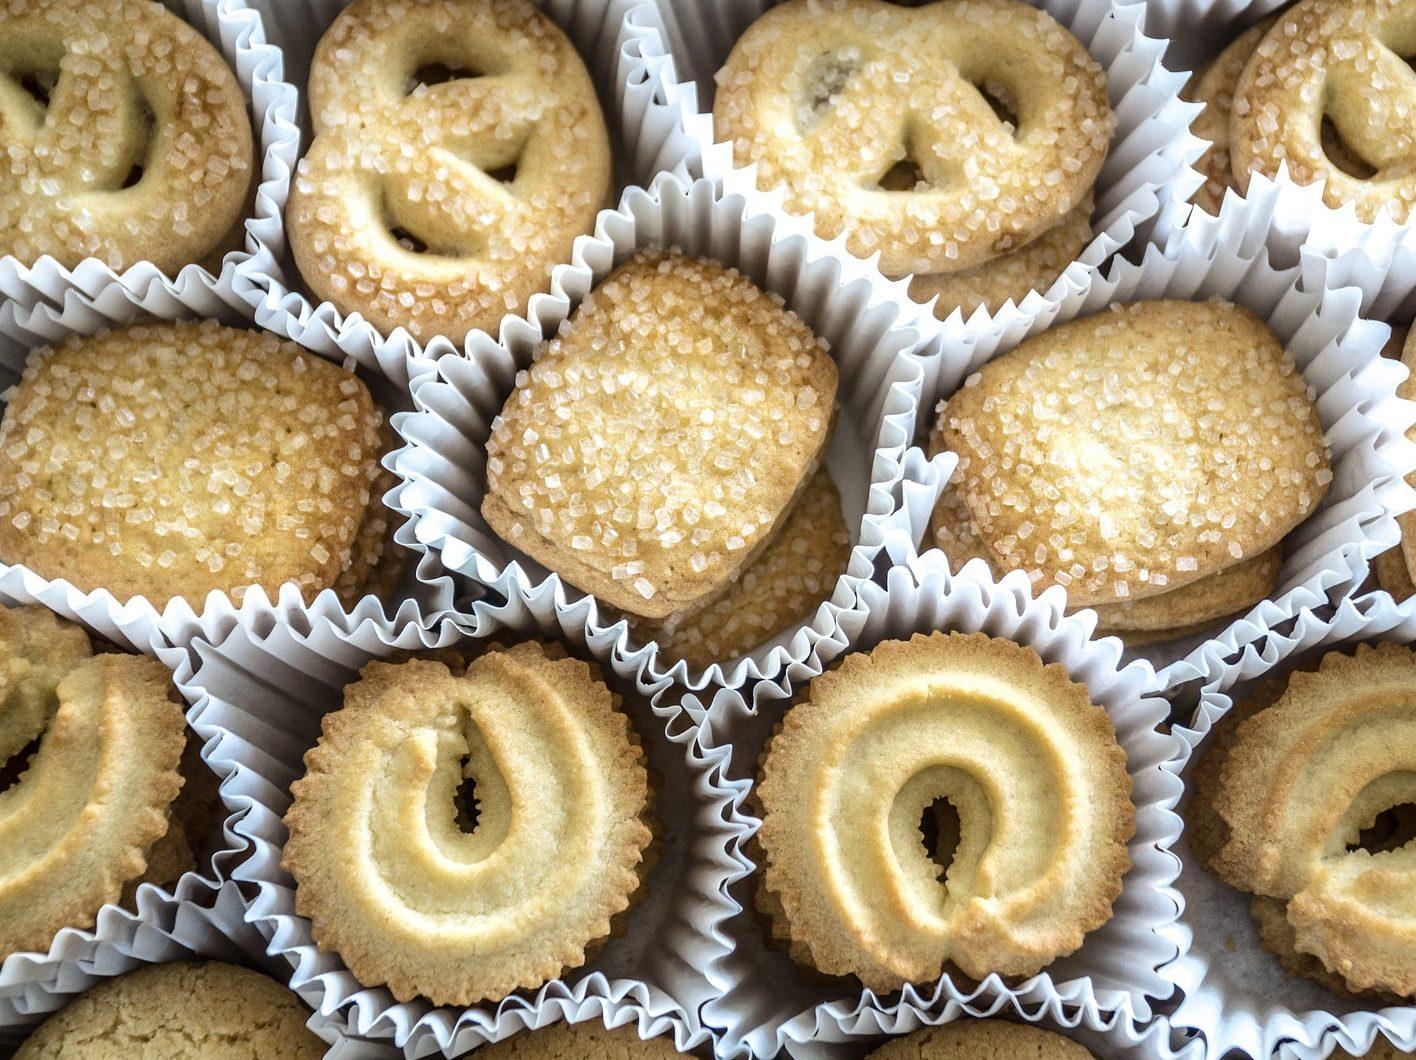 Ricetta Originale Dei Biscotti Al Burro.Biscotti Danesi Dolci Burrosi E Fragranti Food Blog